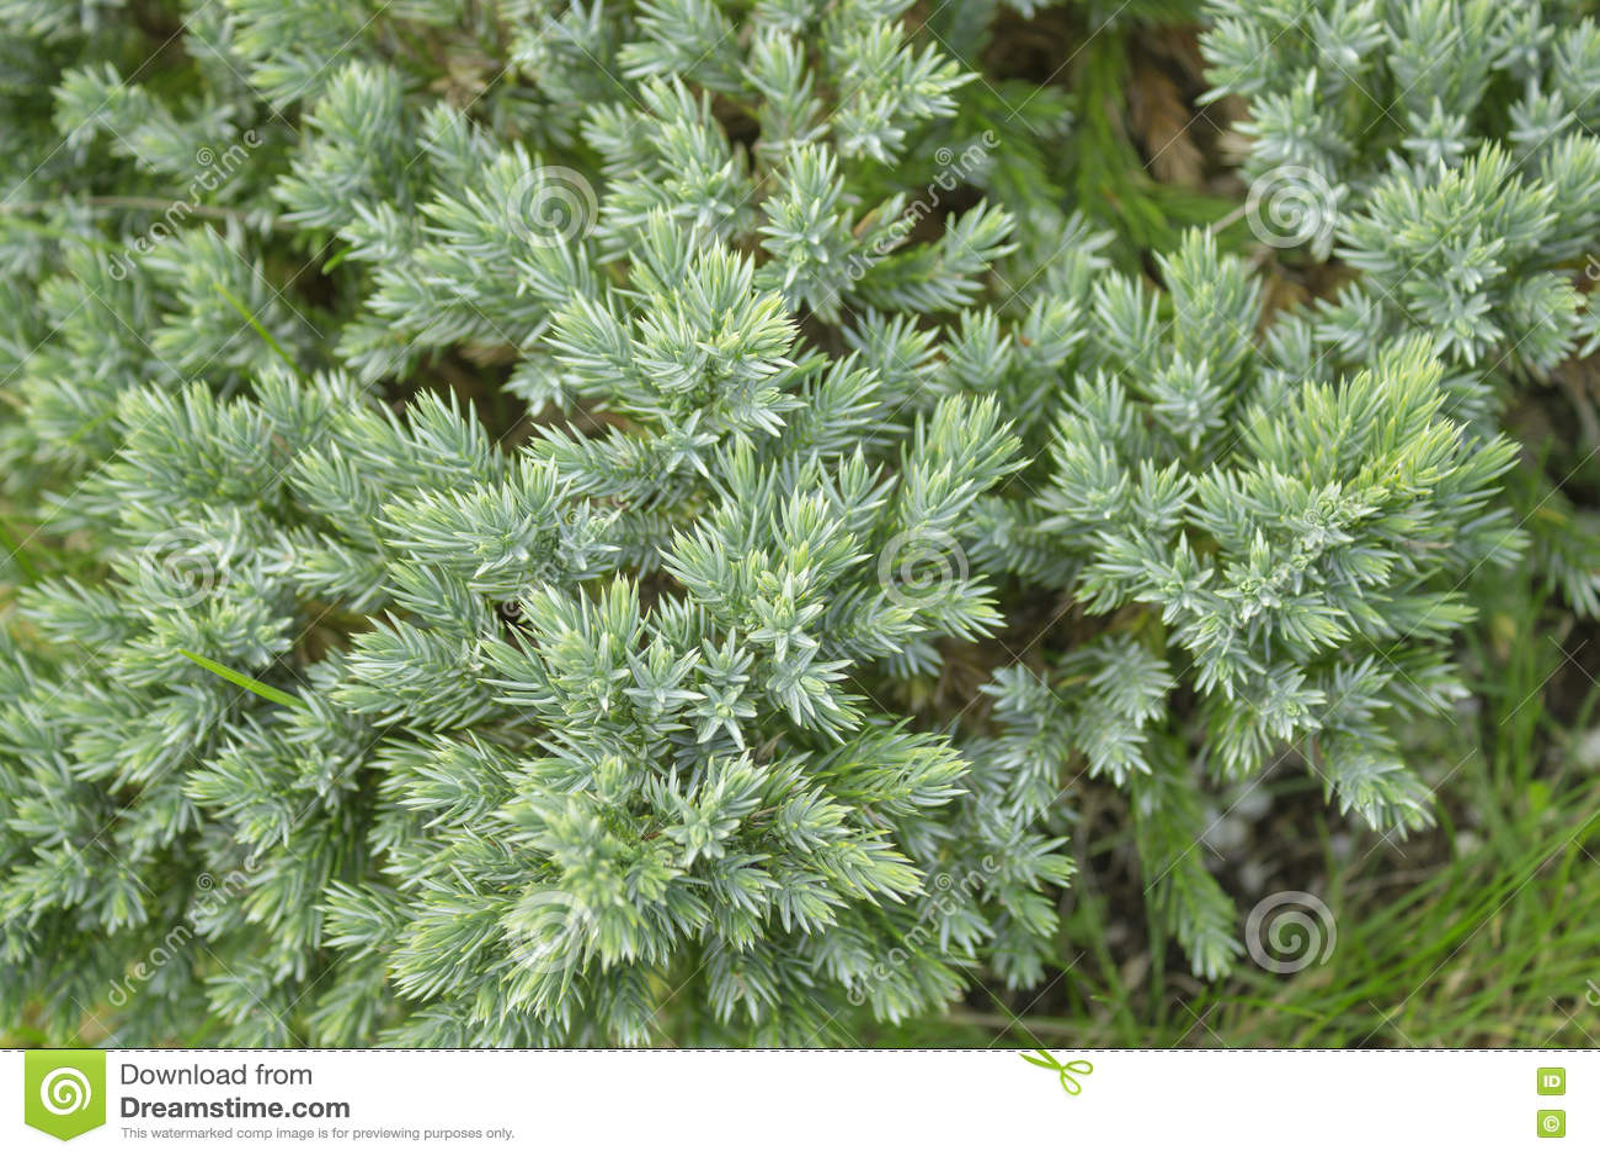 Evergreen juniper tree